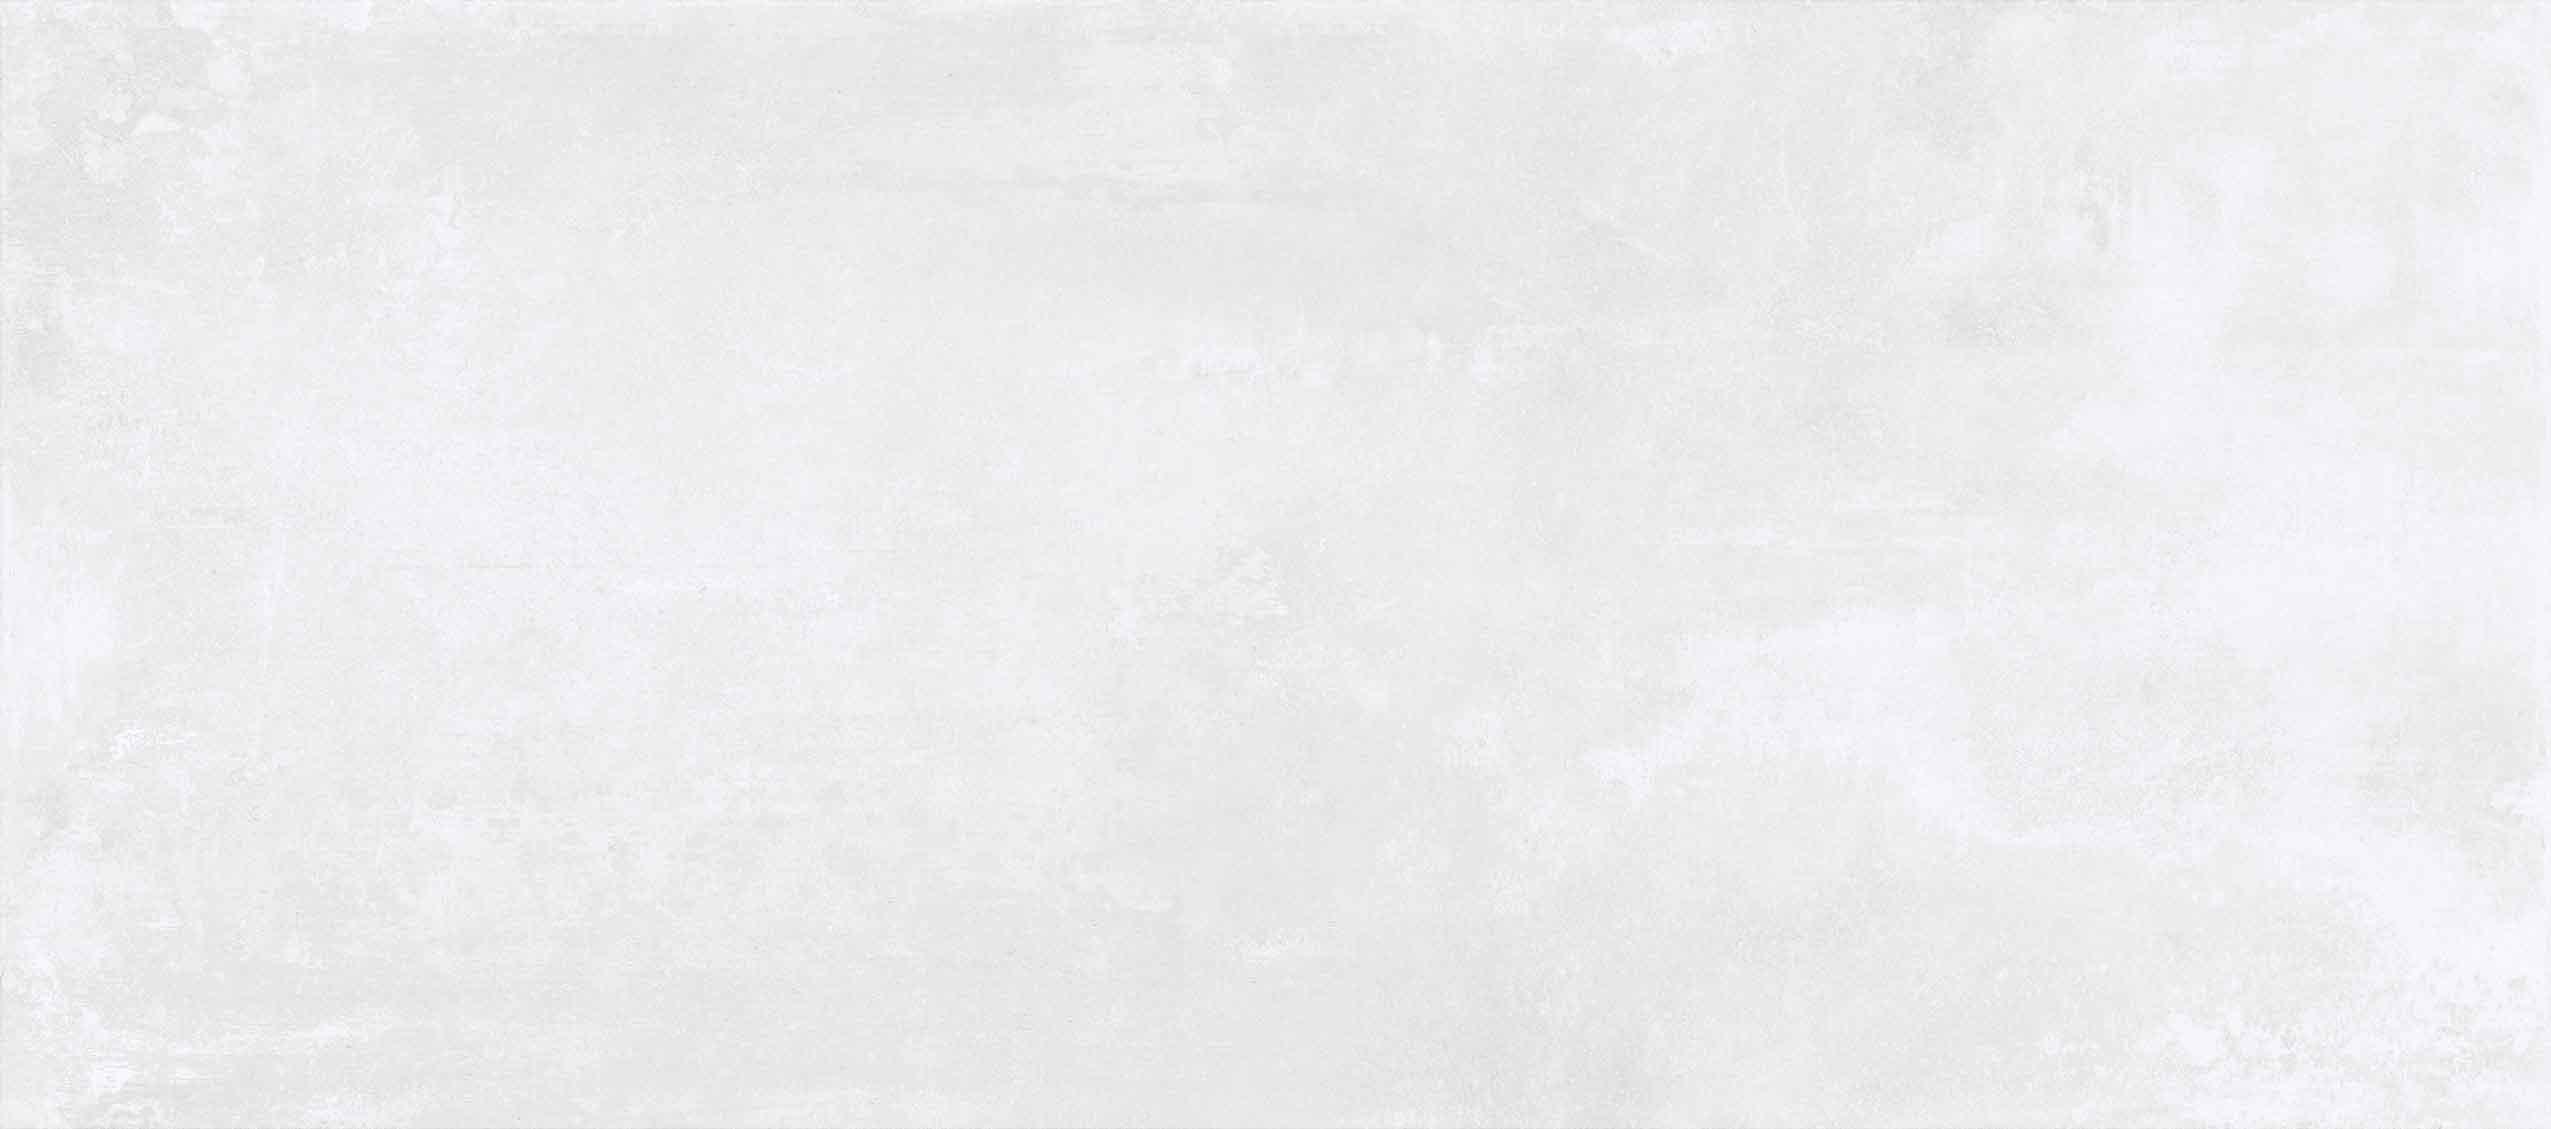 Rawtech White Matte 10mm 80 x 180